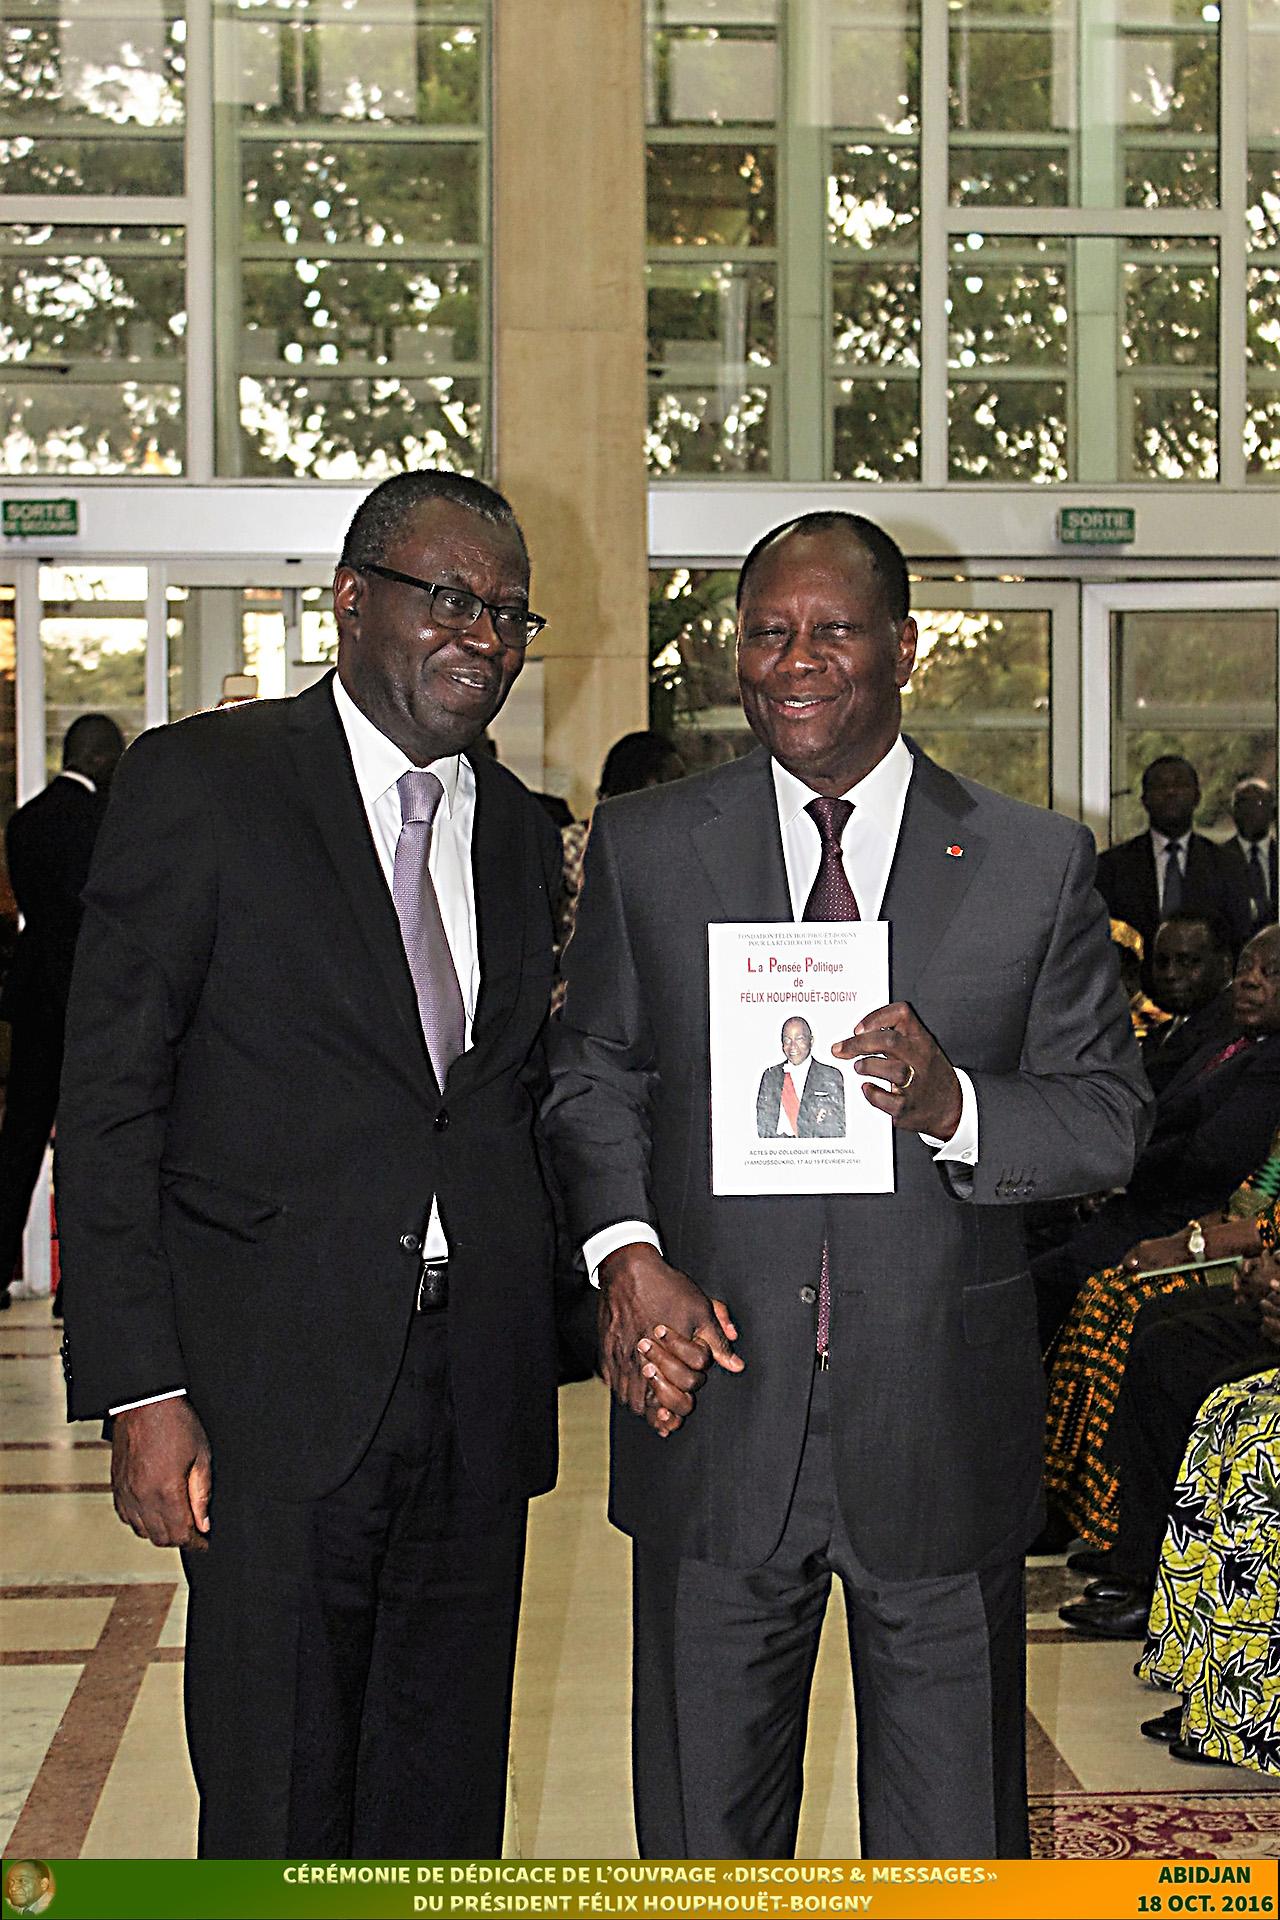 SEM Alassane OUATTARA, Président de la République de Côte d'Ivoire (à droite) et Pr. Jean-Noël LOUCOU, Secrétaire Général de la Fondation FHB (à gauche)